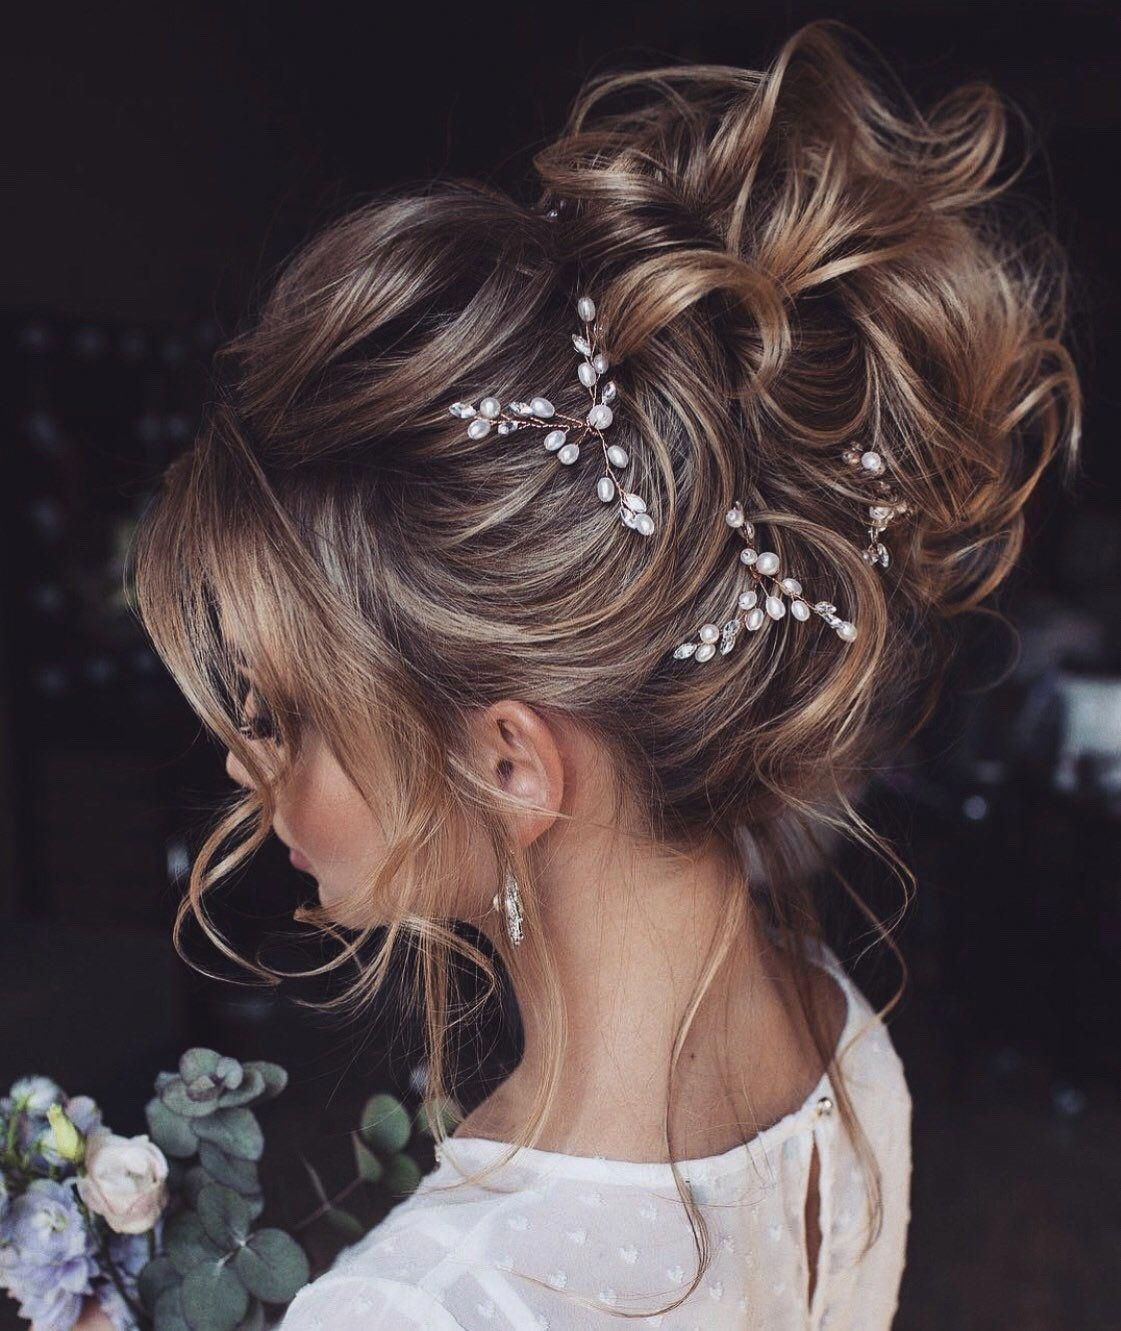 Bridal hair pins-Wedding hair pins-Pearl hair pins-Crystal hair pins- Hair pins bridal - pearl hair pins-Gold bridal hair pins